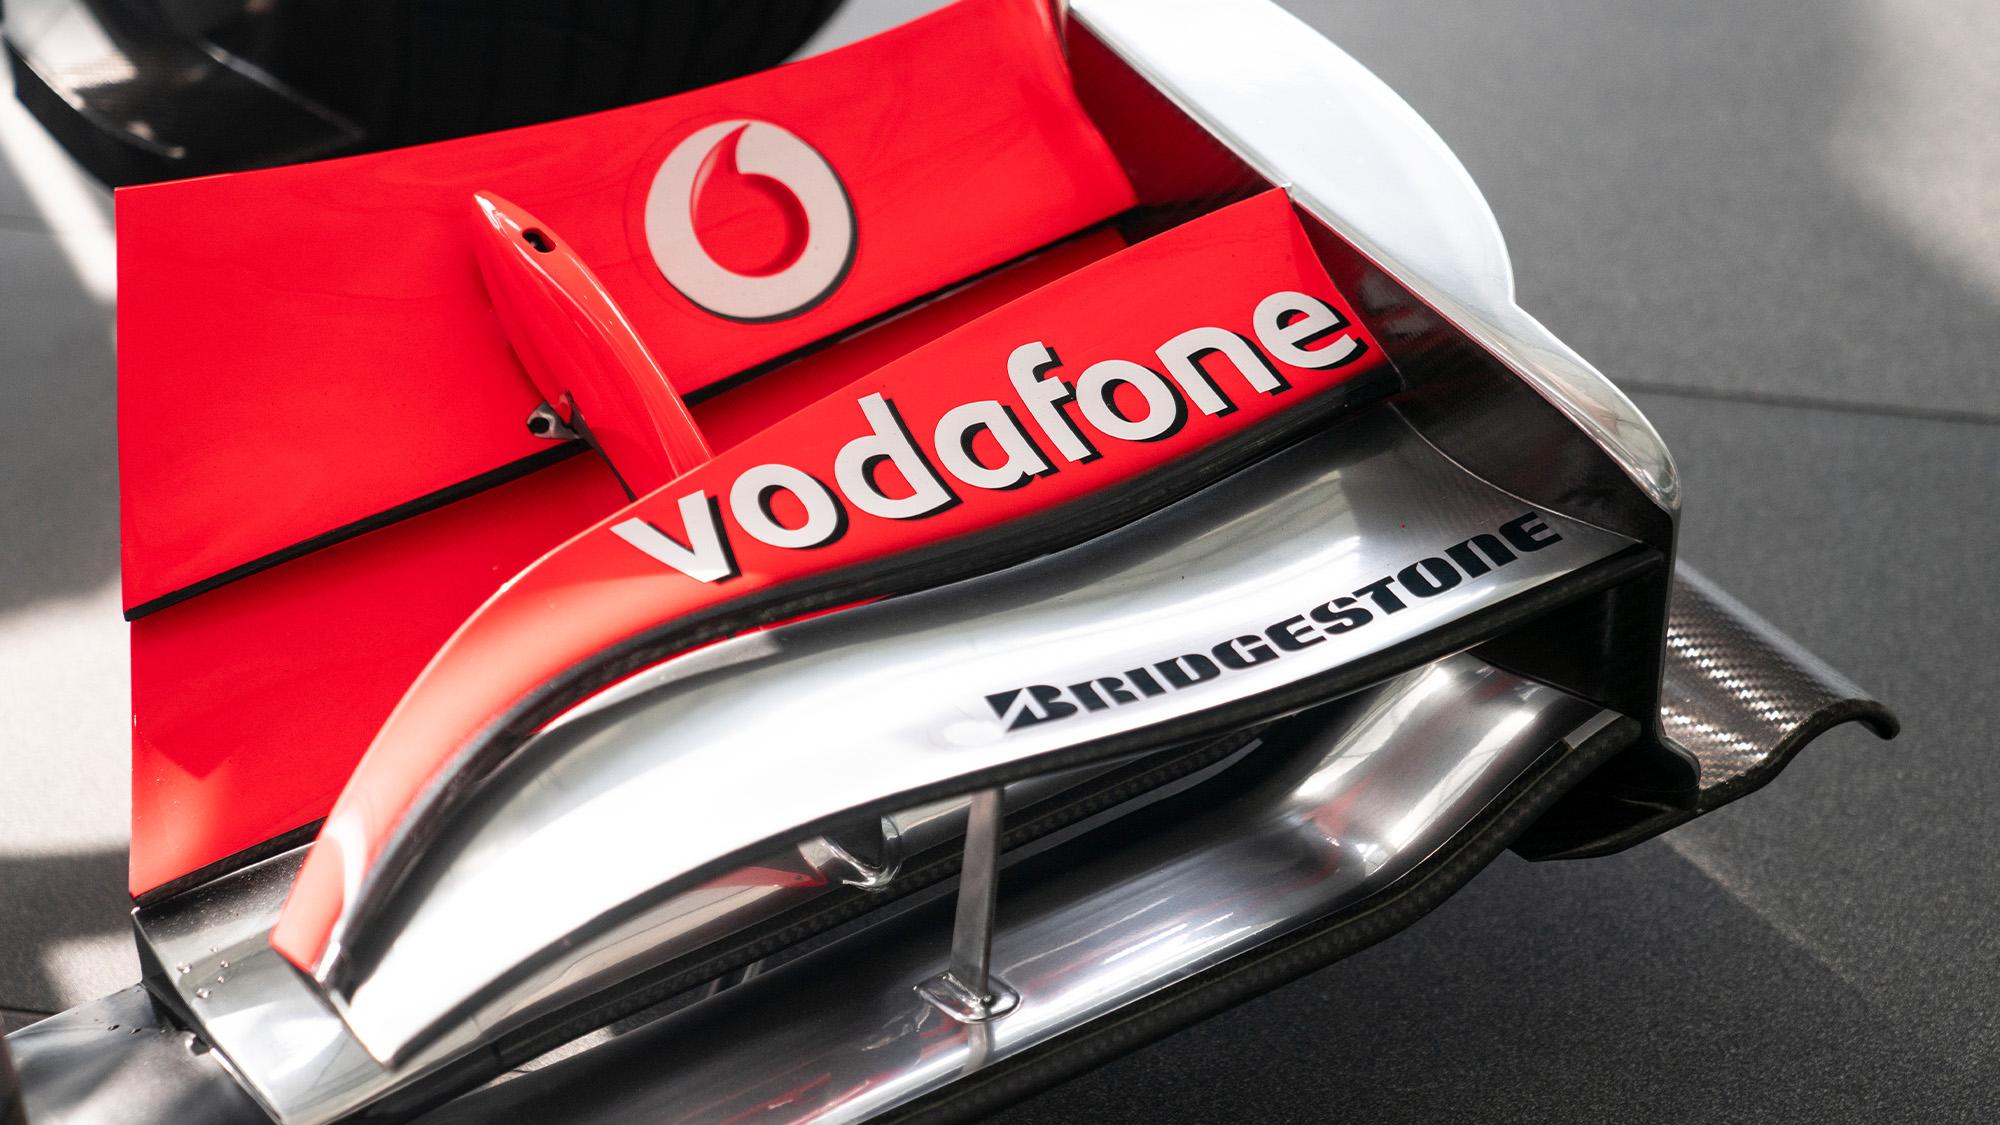 Lewis Hamilton McLaren MP4-25 for auction front wing detail 2